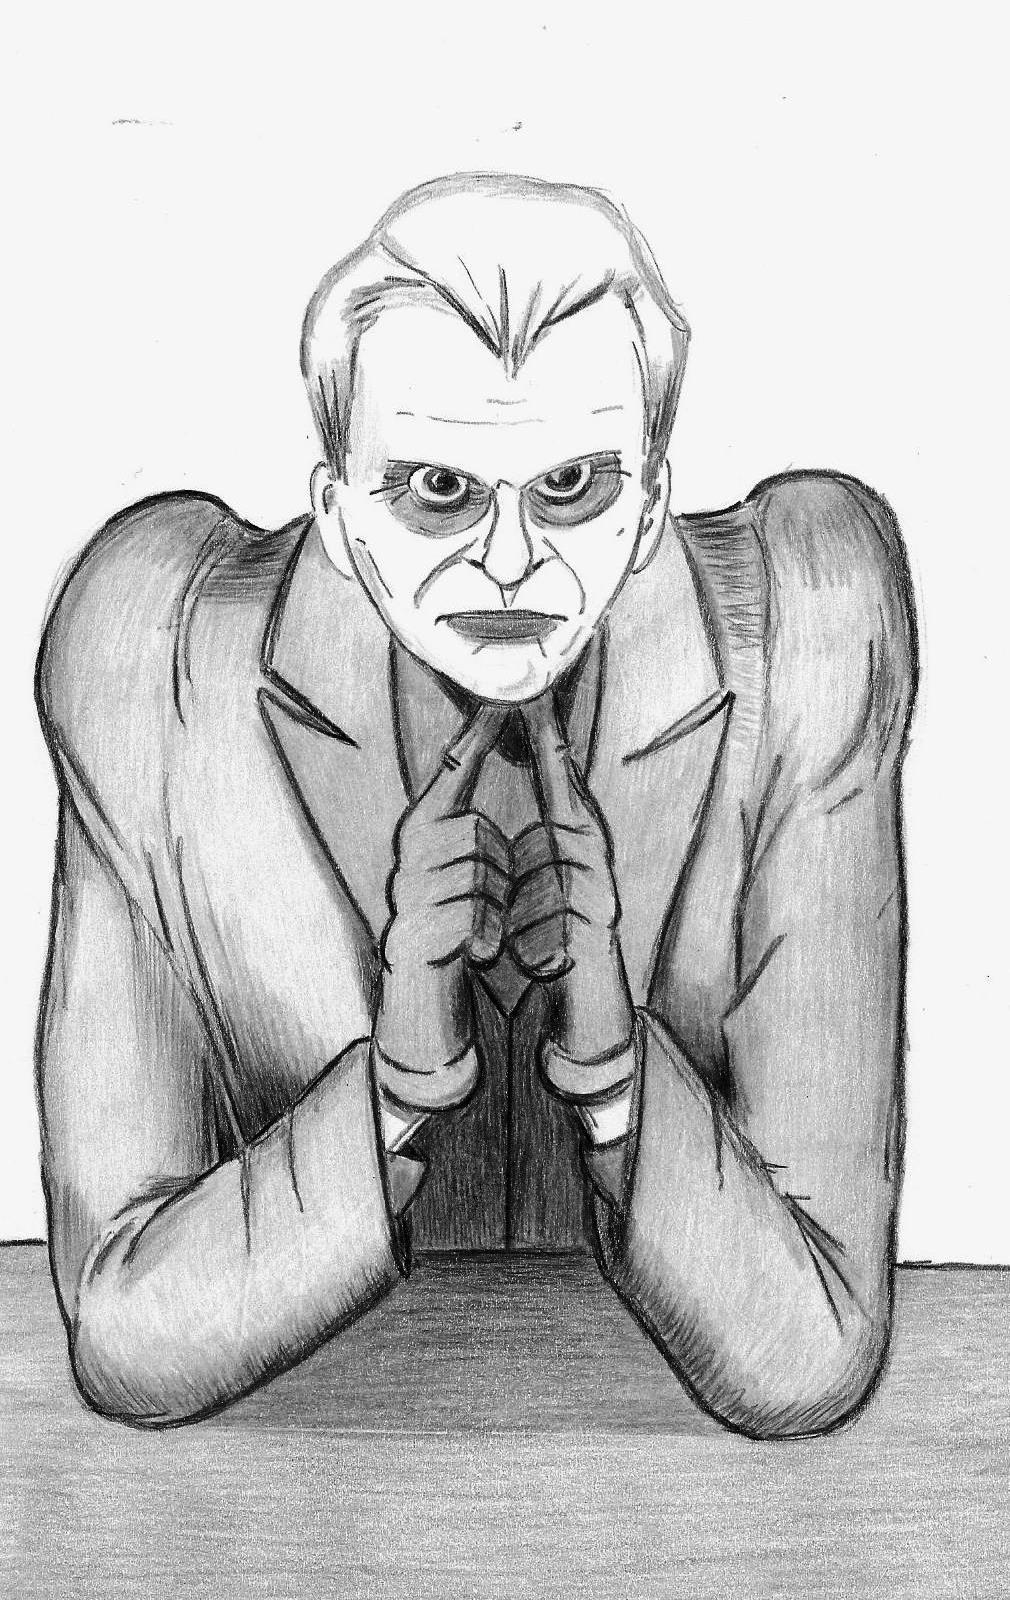 Joker by KiroK